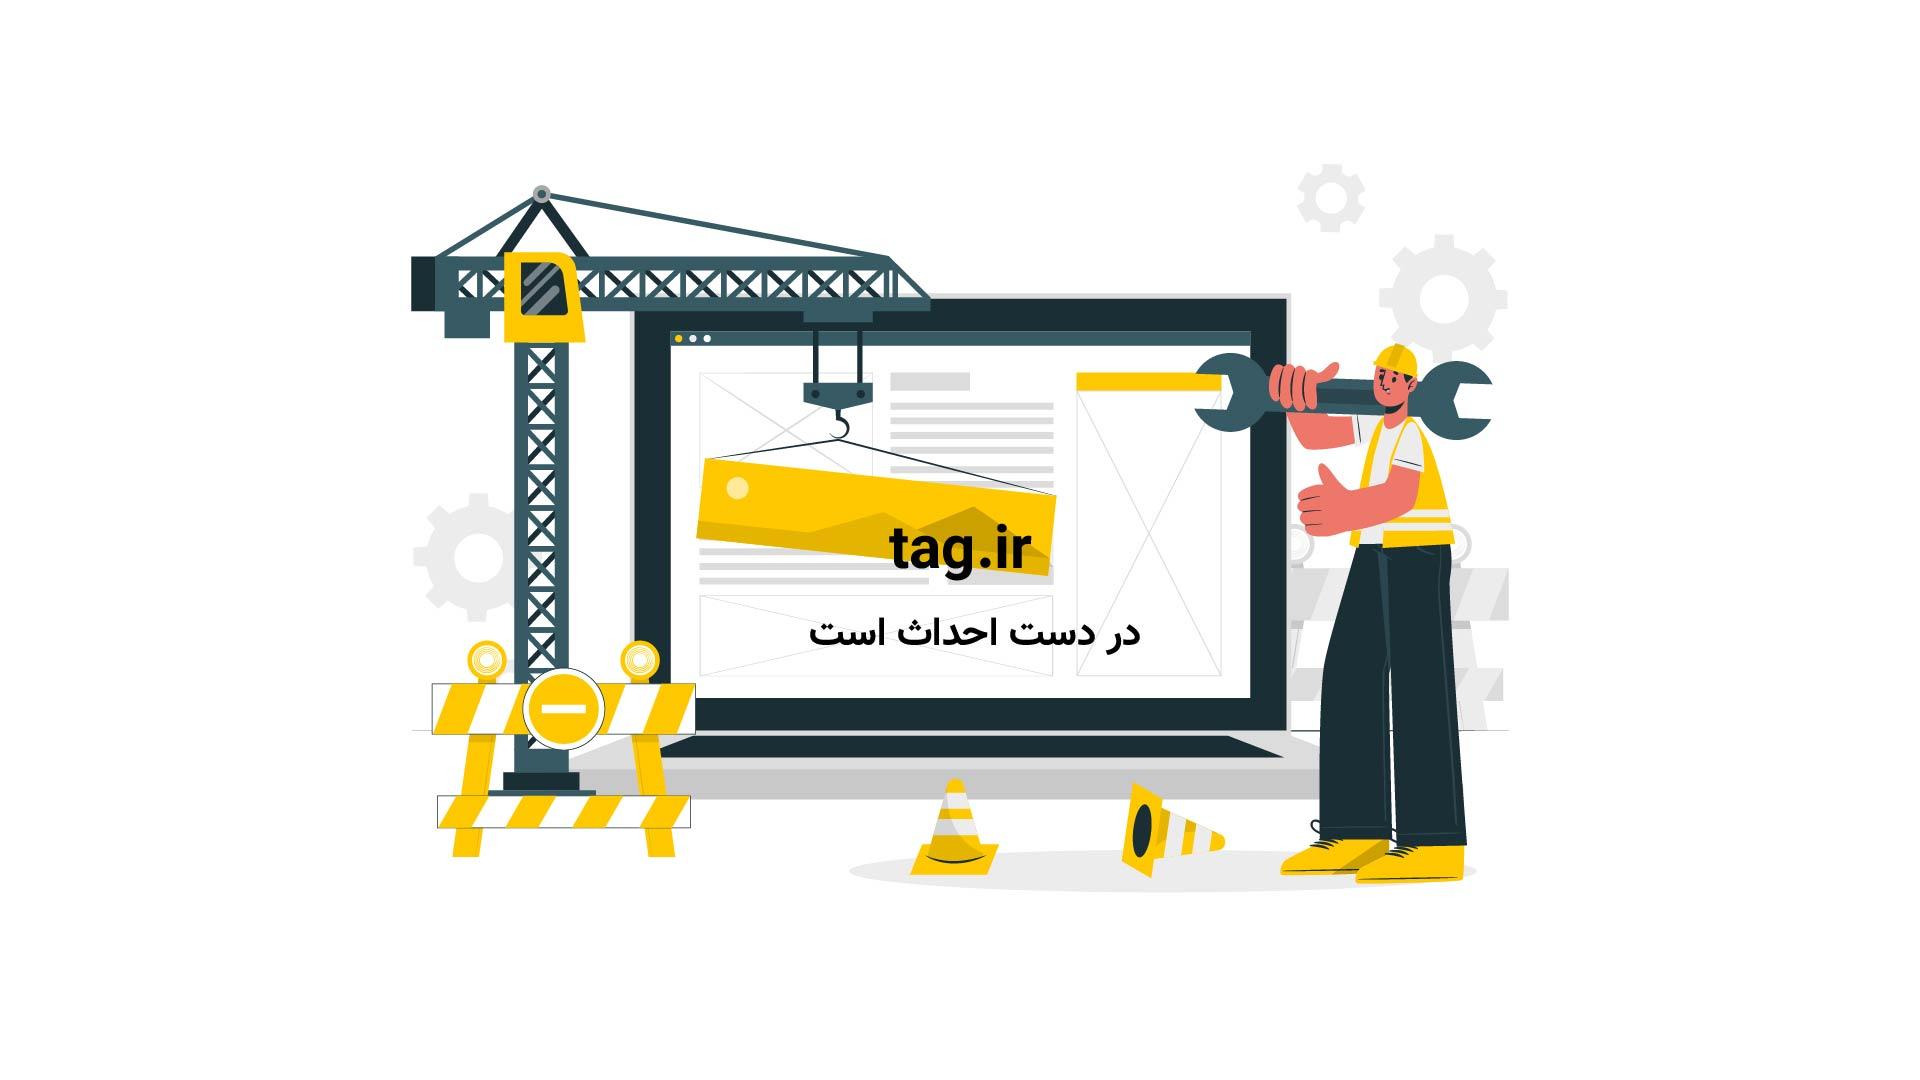 کلکل محمدرضا شریفینیا با مهران مدیری راجع به سن | فیلم